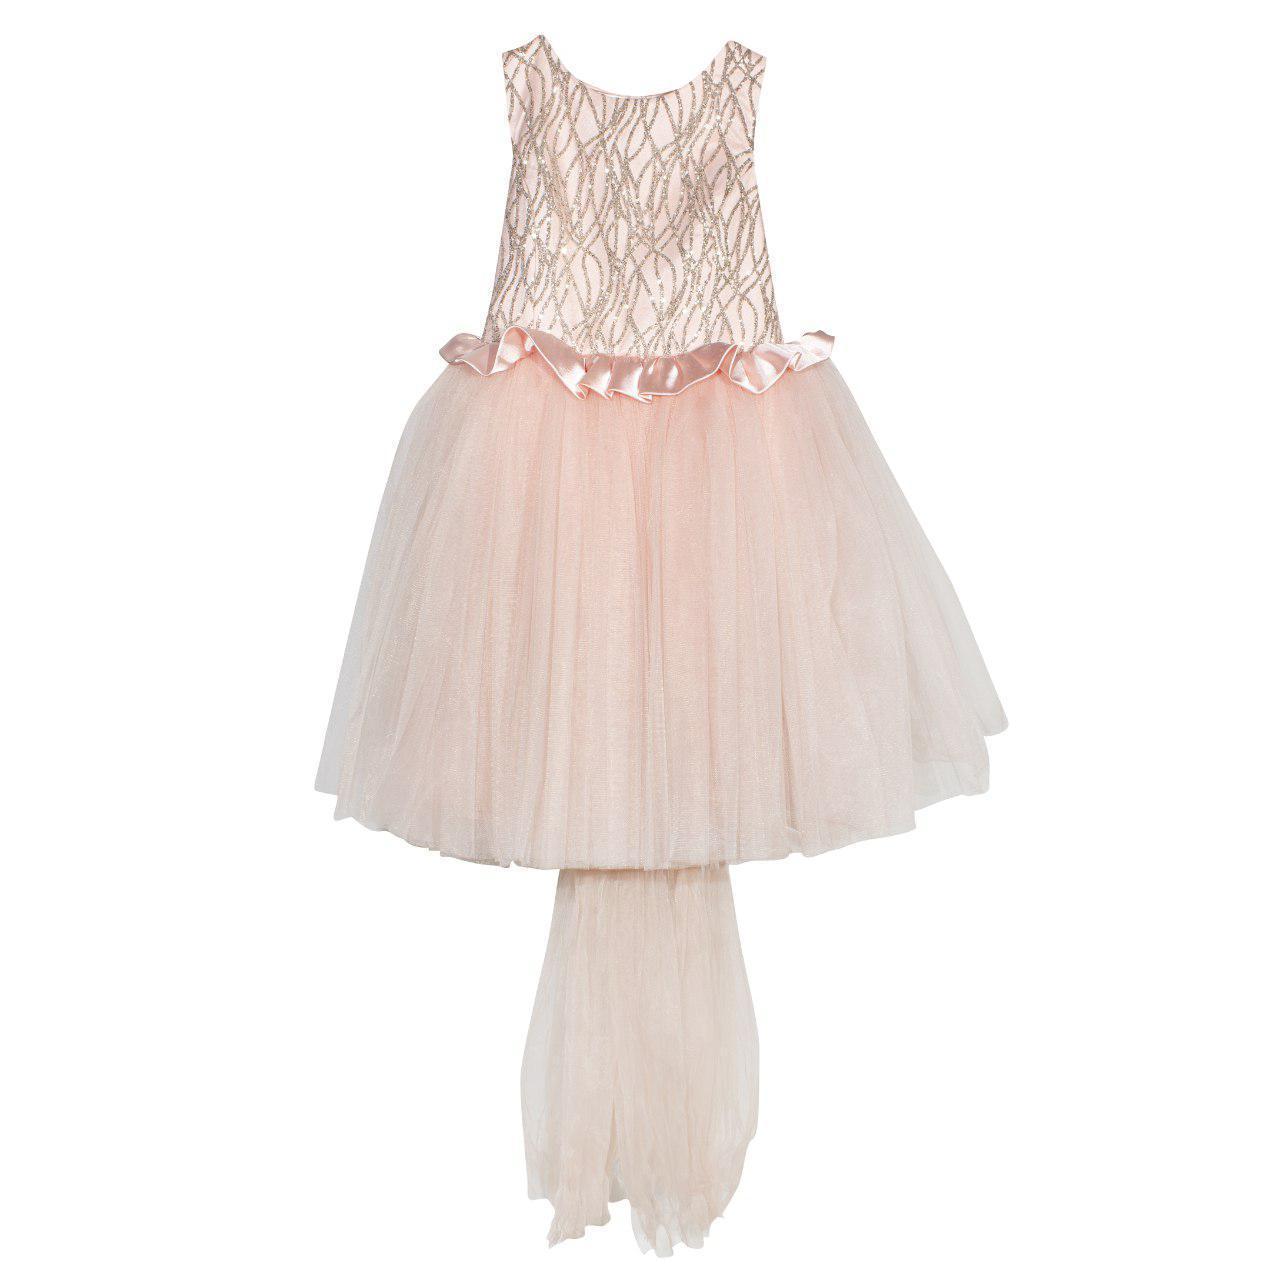 Нарядне плаття для дівчинки, розмір 3, 4, 5, 6 років